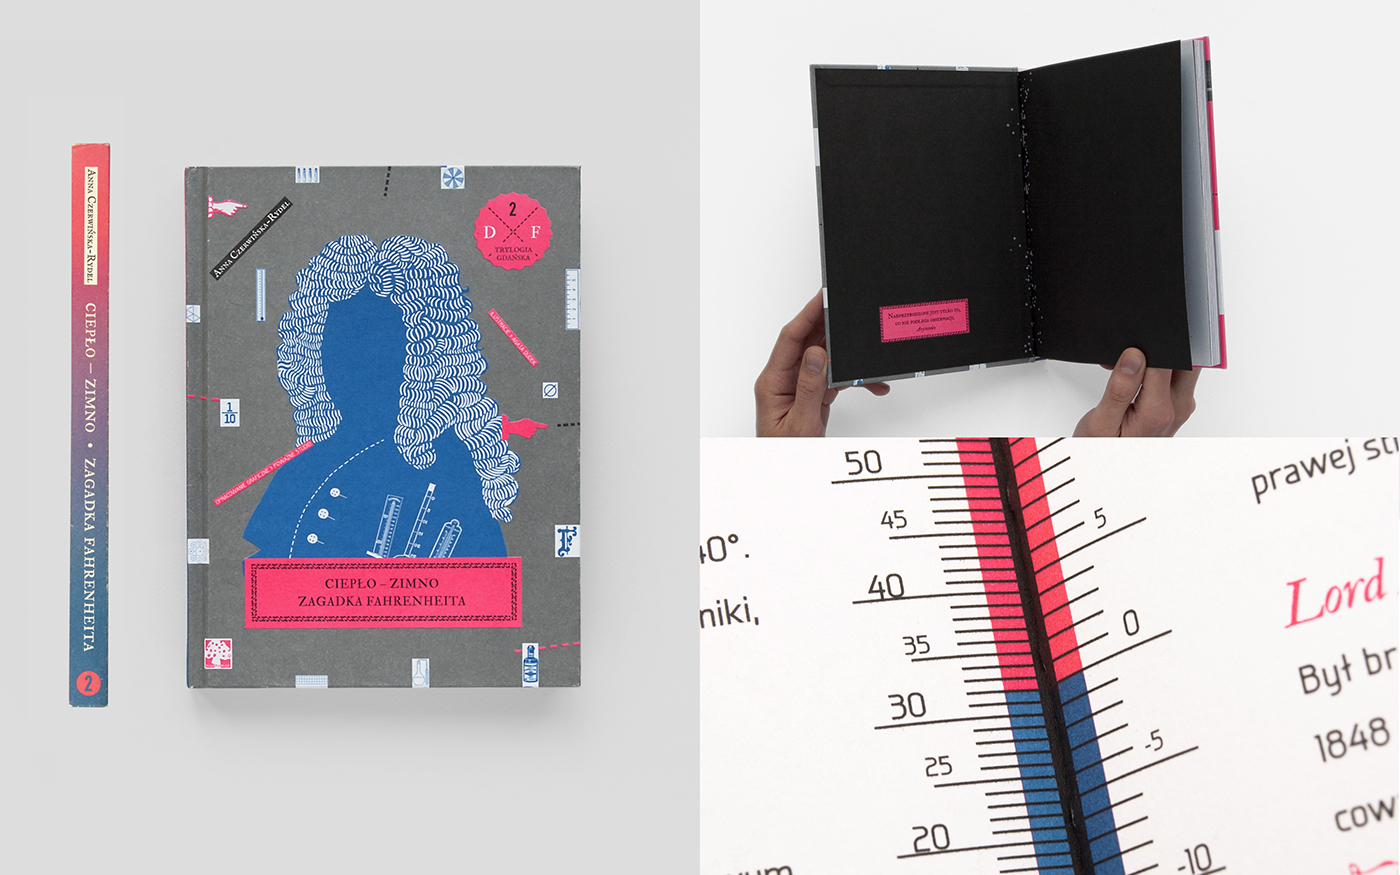 hewelius schopenhauer fahrenheit Book Series book design children trilogy anna czerwińska-rydel pantone